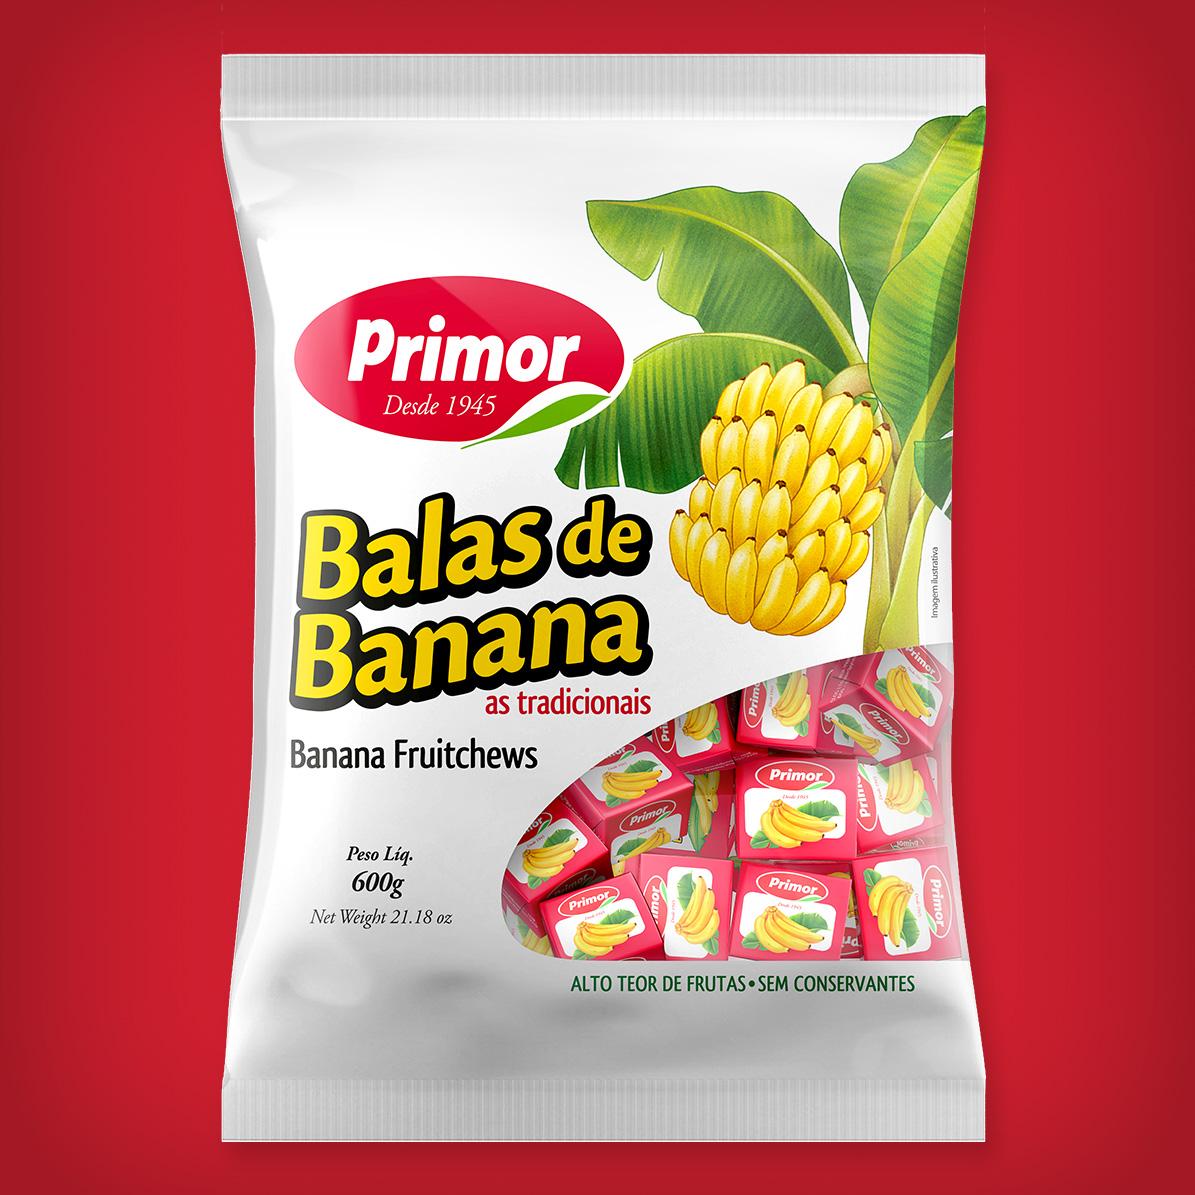 Criação de embalagens para balas de banana